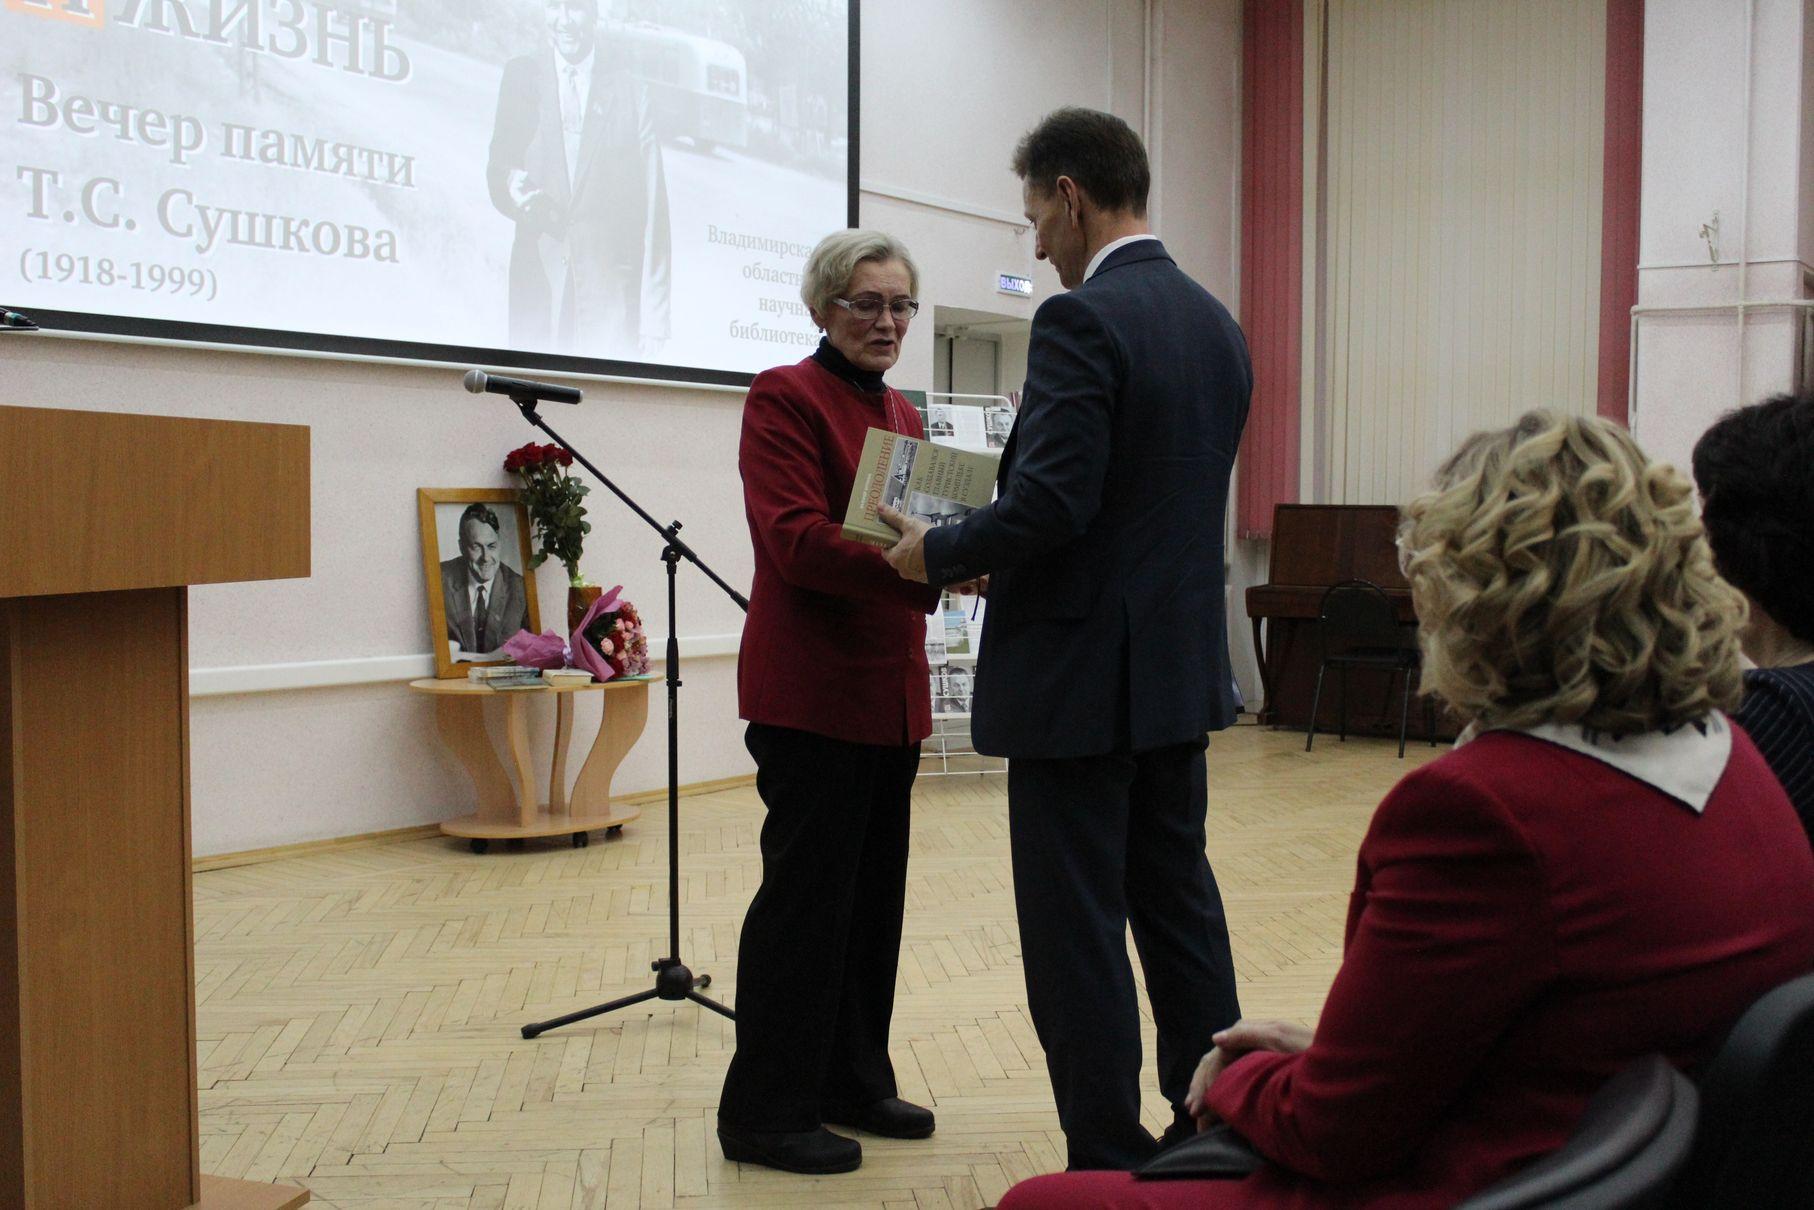 Людмила Сушкова дарит Владимиру Сипягину книгу, написанную соратниками отца по совместной работе